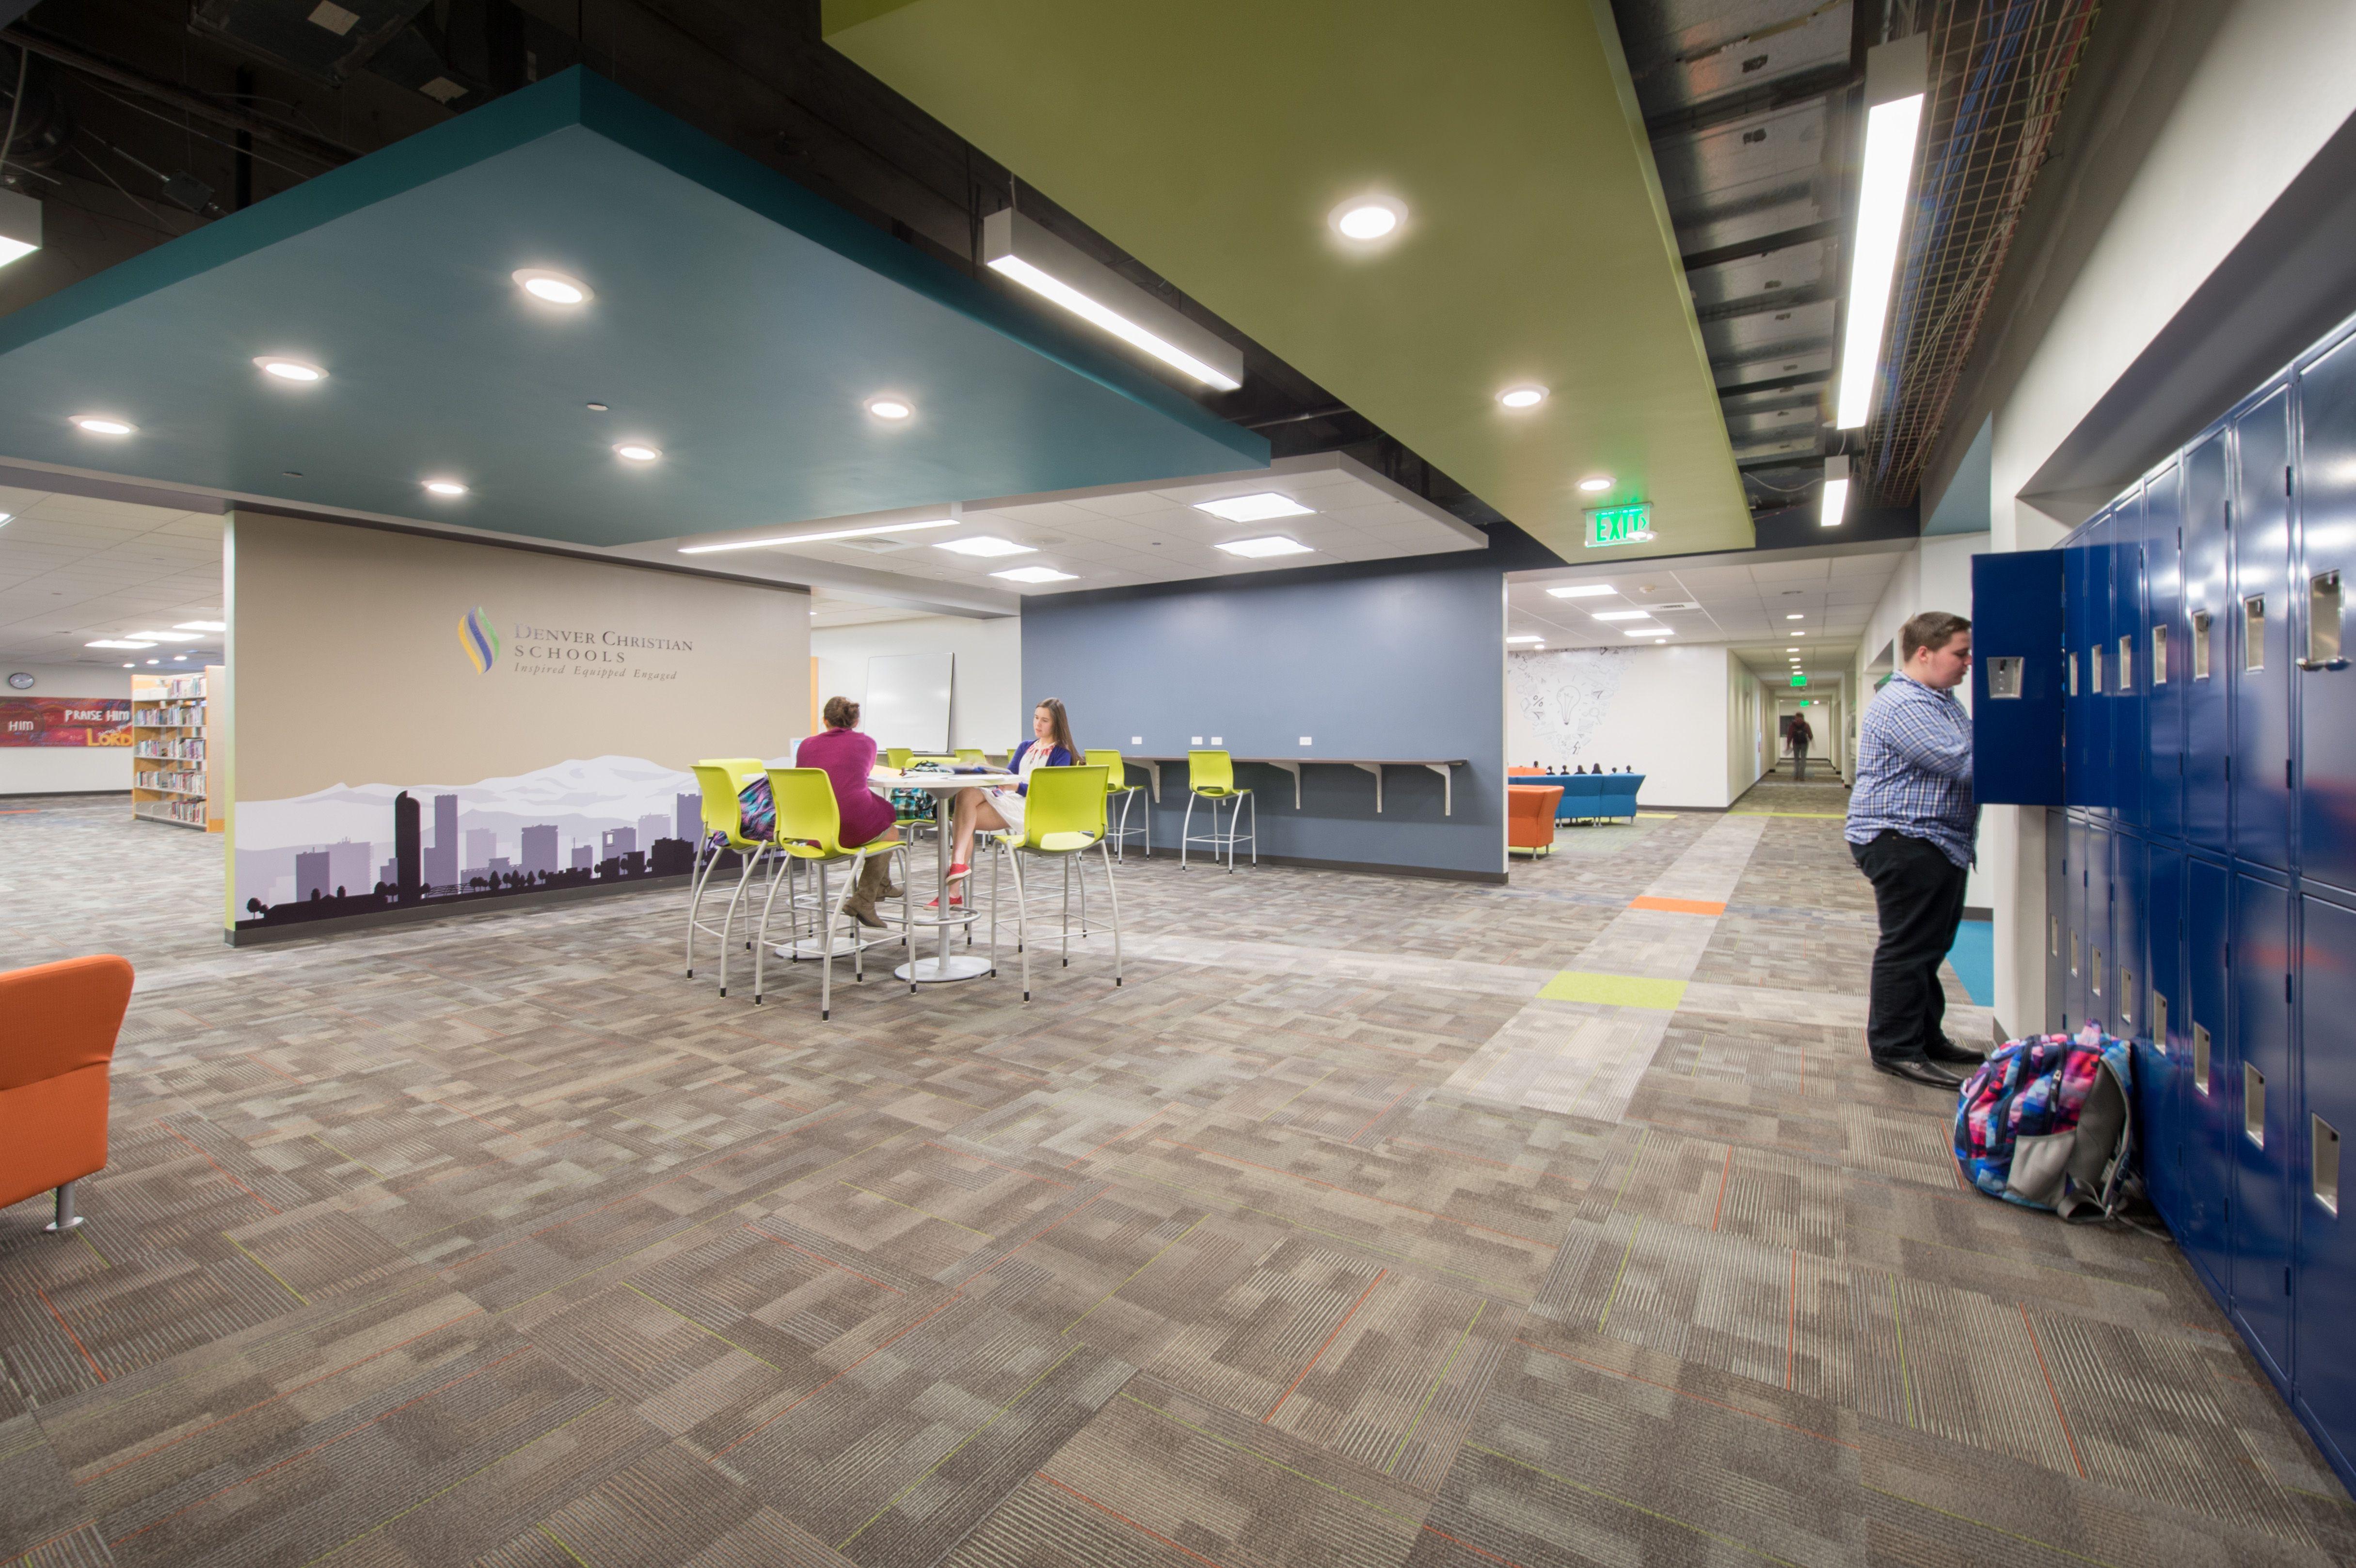 Denver Christian School Architect Hord